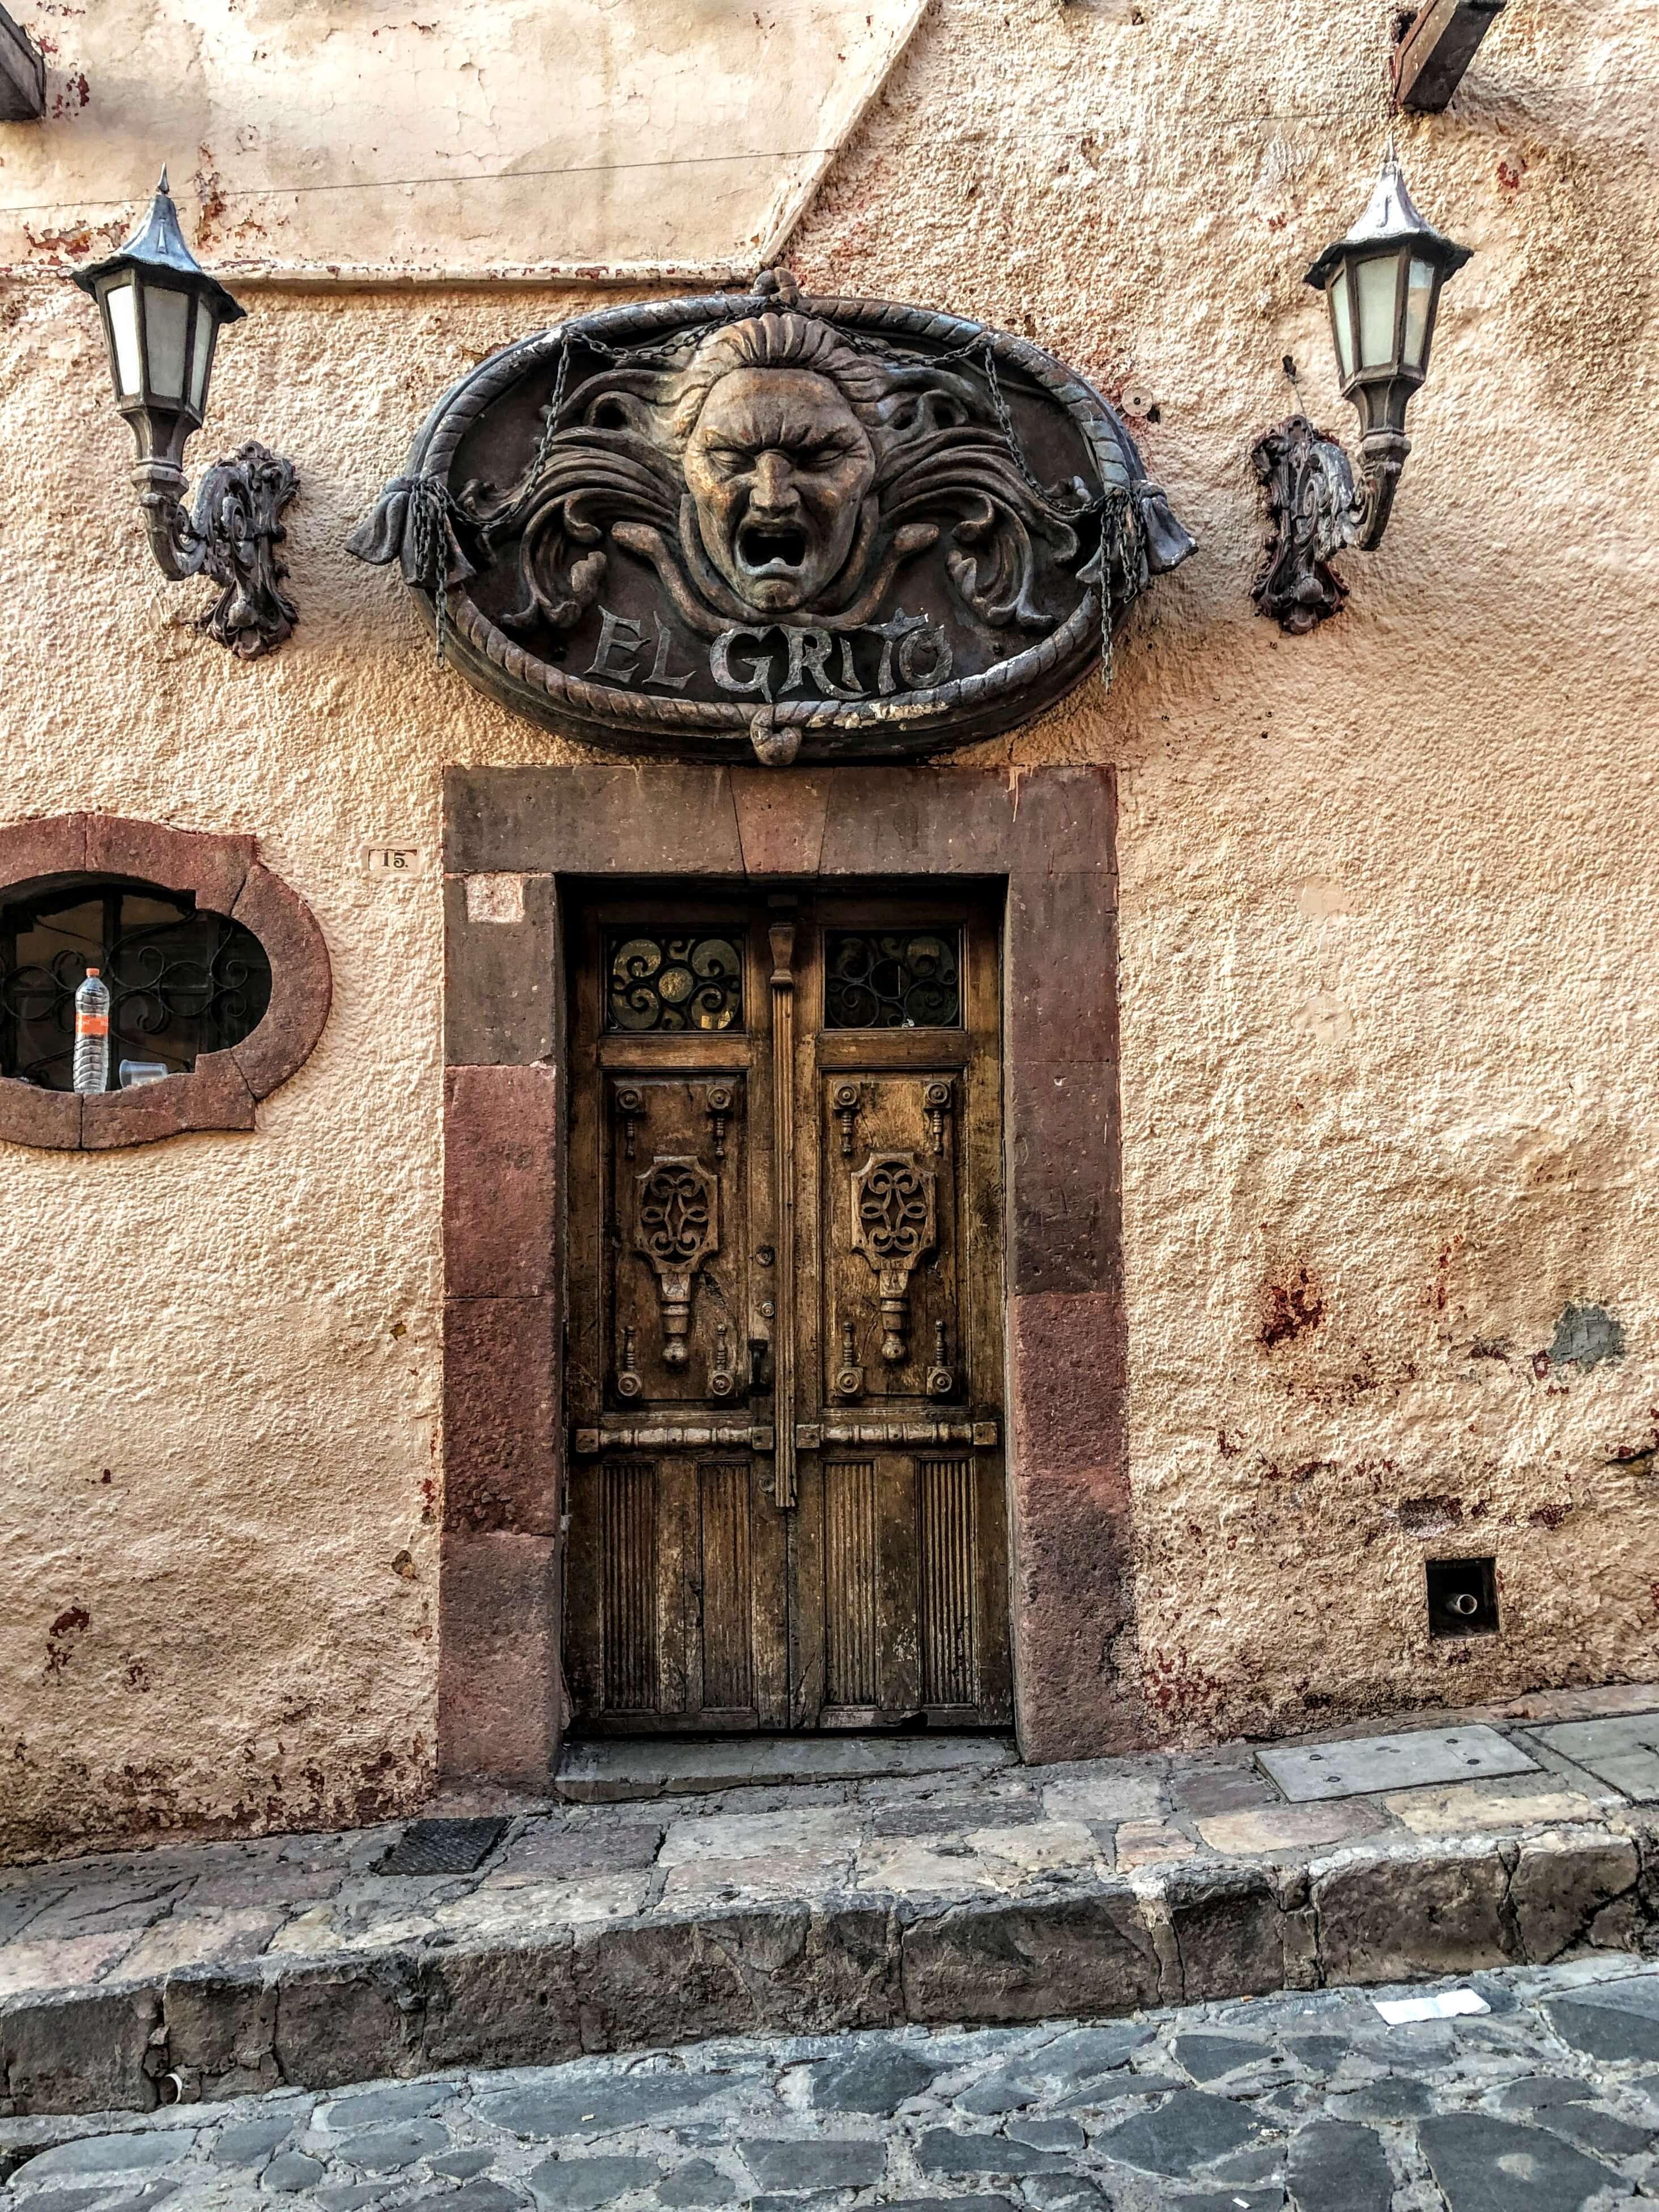 Grito Bar in San Miguel de Allende